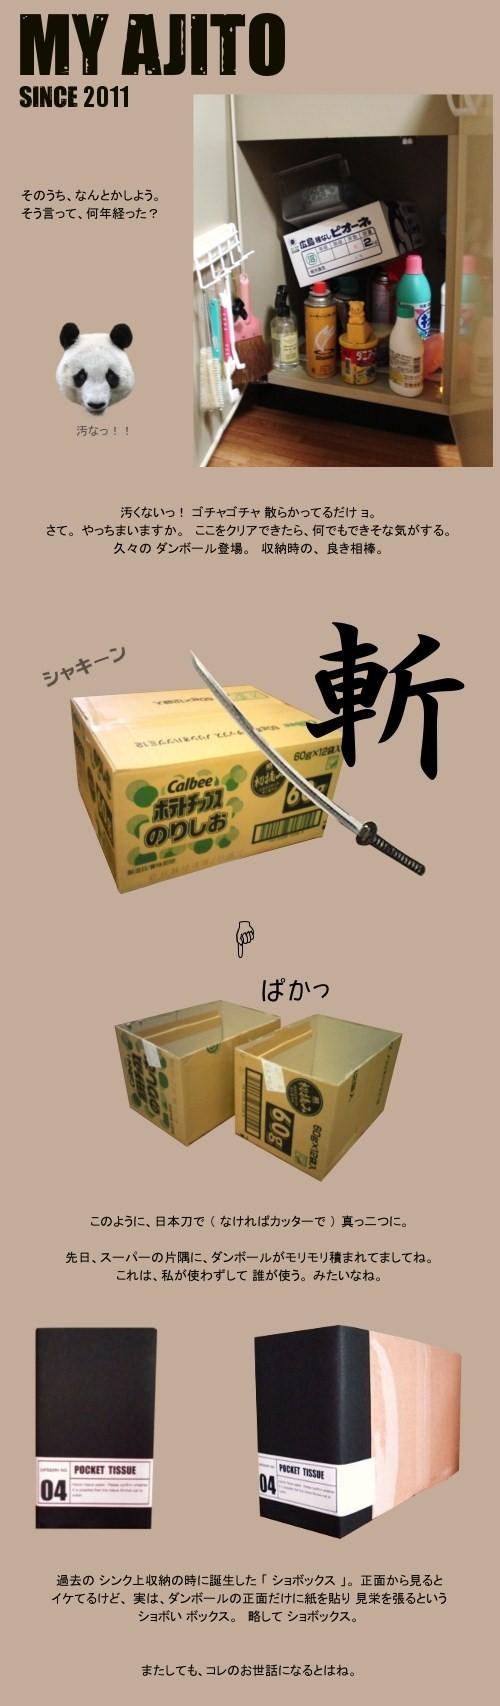 shinkushita2.jpg